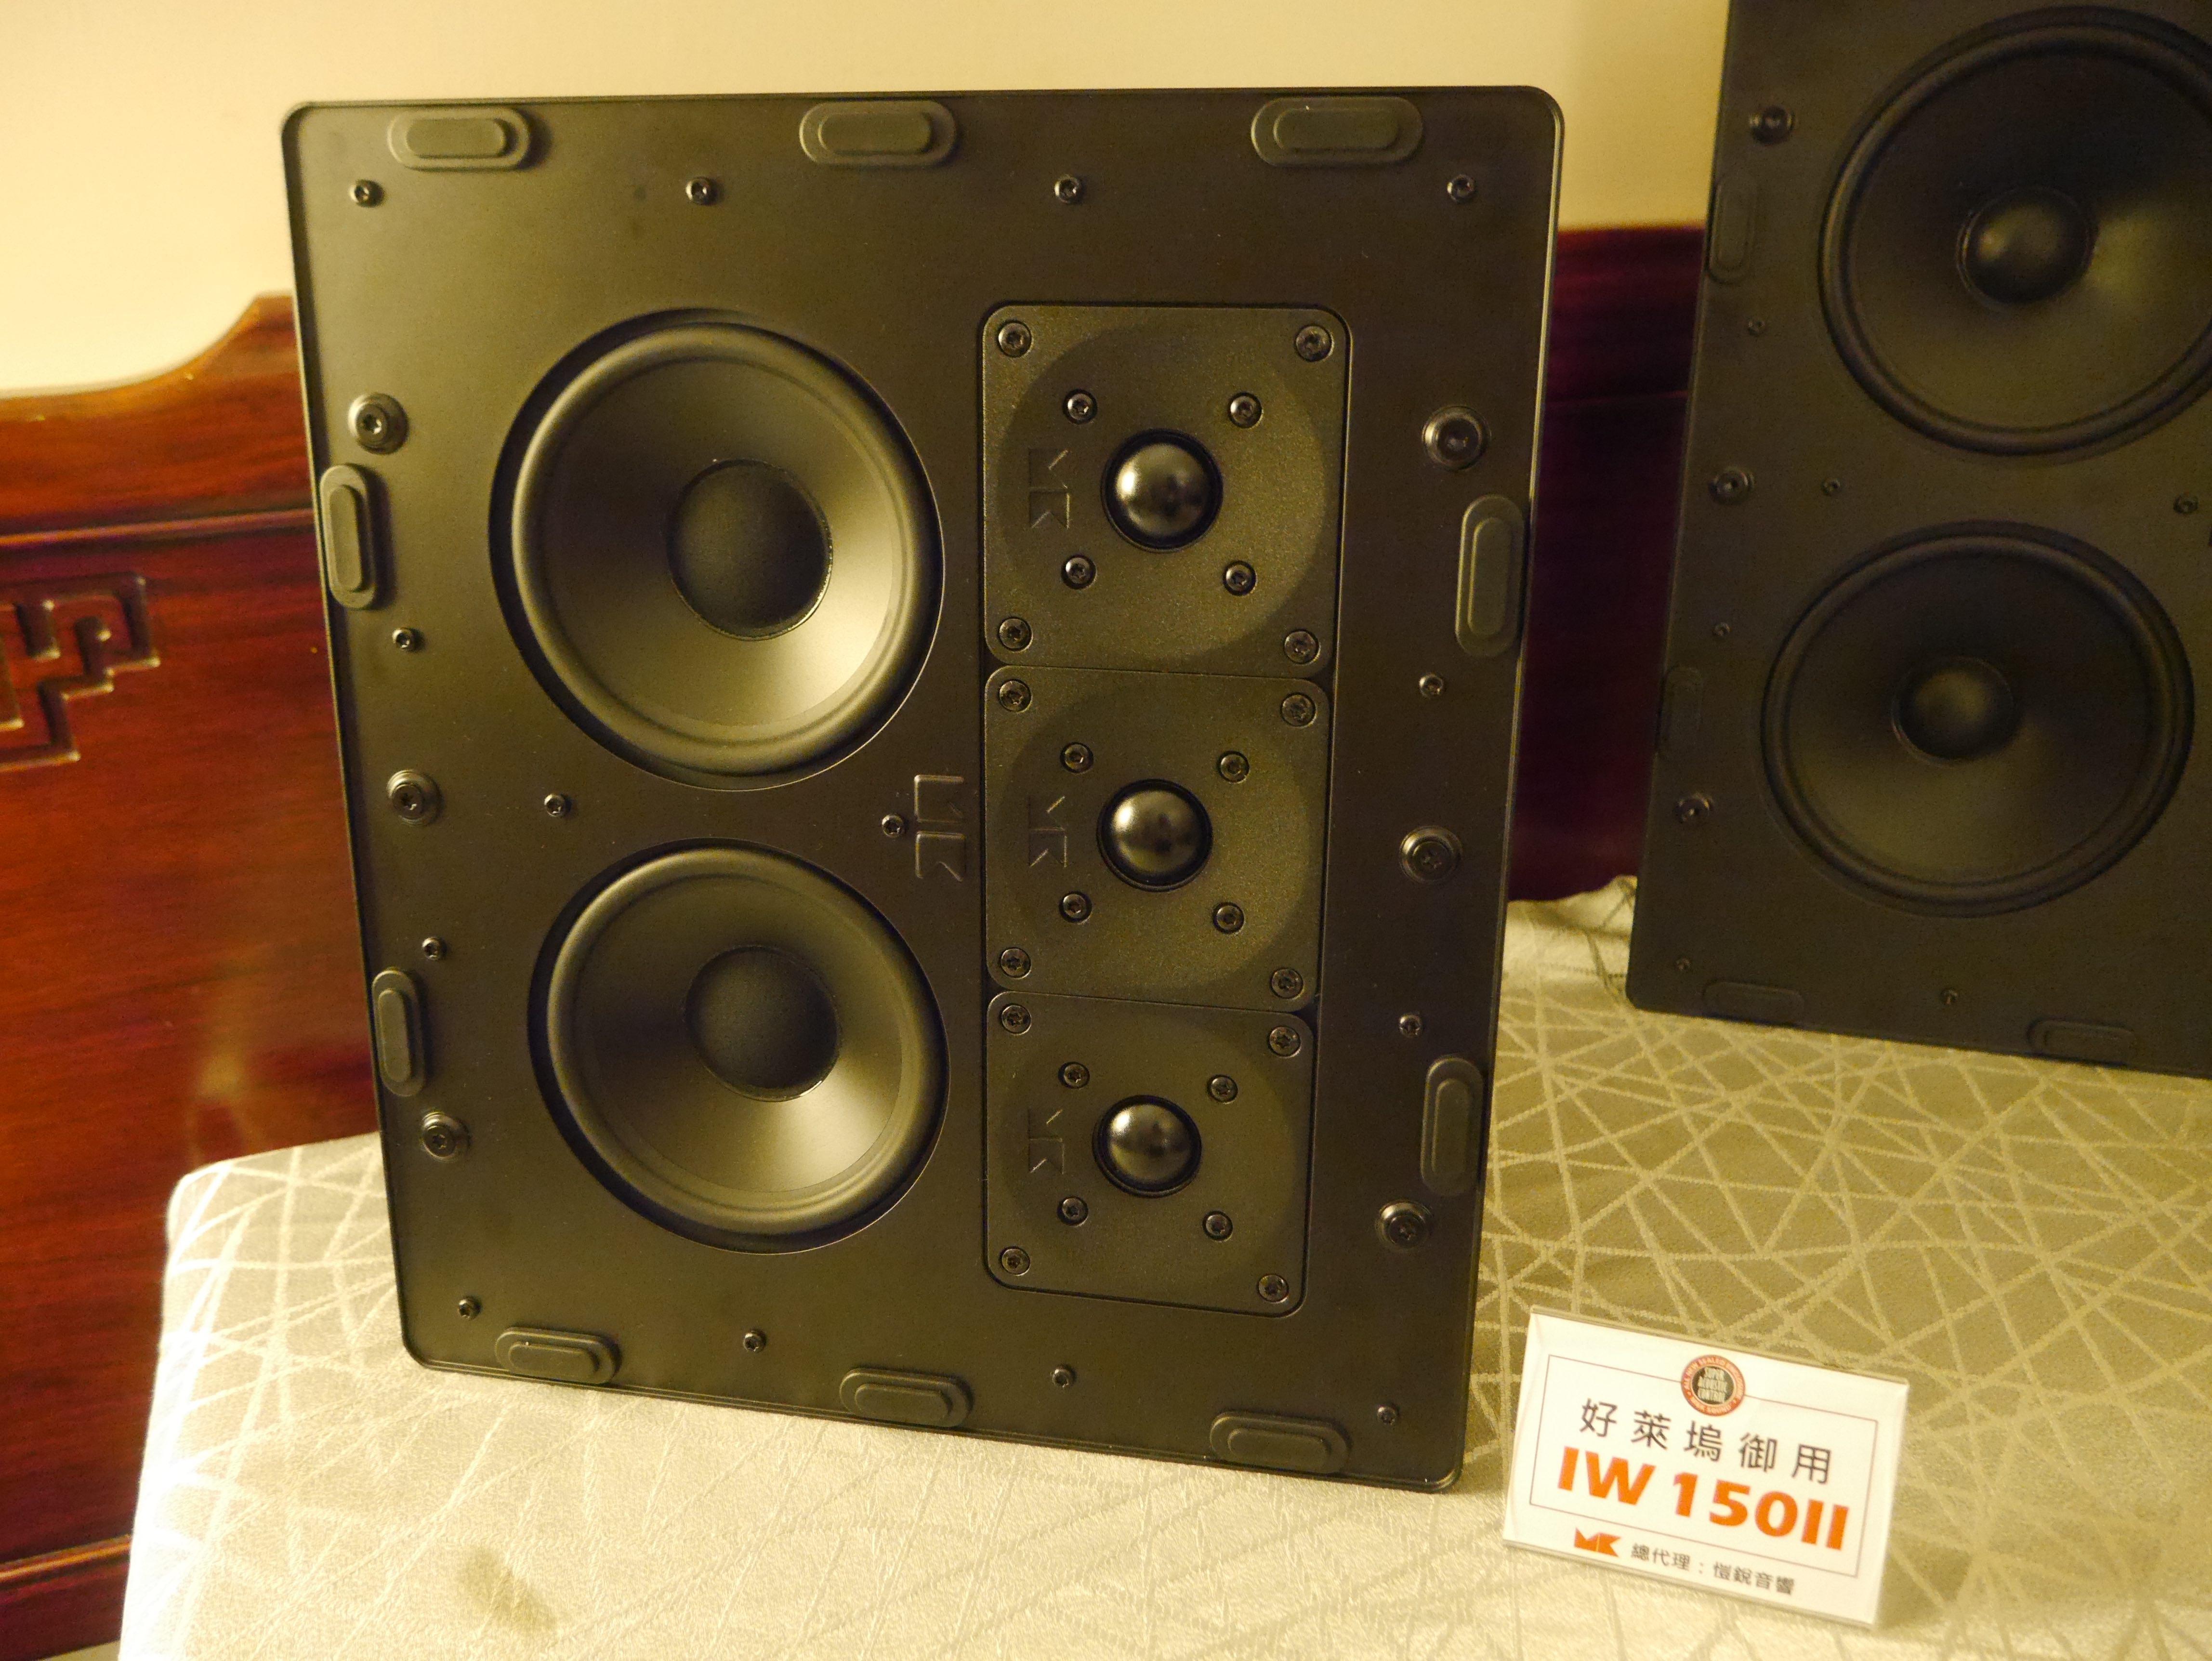 M&K SOUND好萊塢御用-IW150的陣列式設計